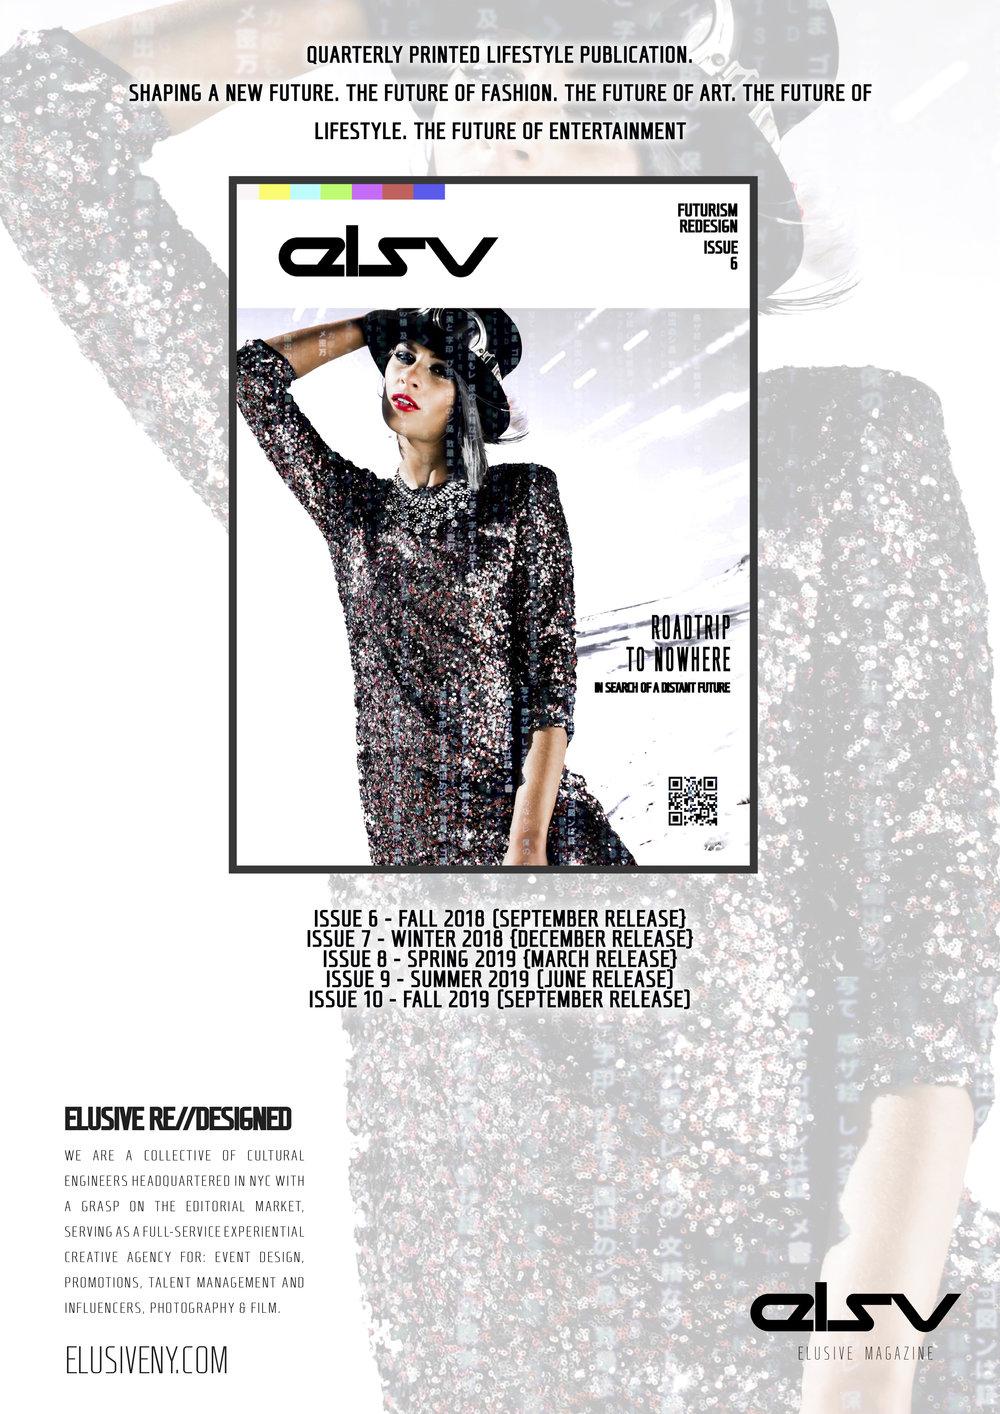 ELSV ISSUE 6 EDITORIAL CALENDAR.jpg